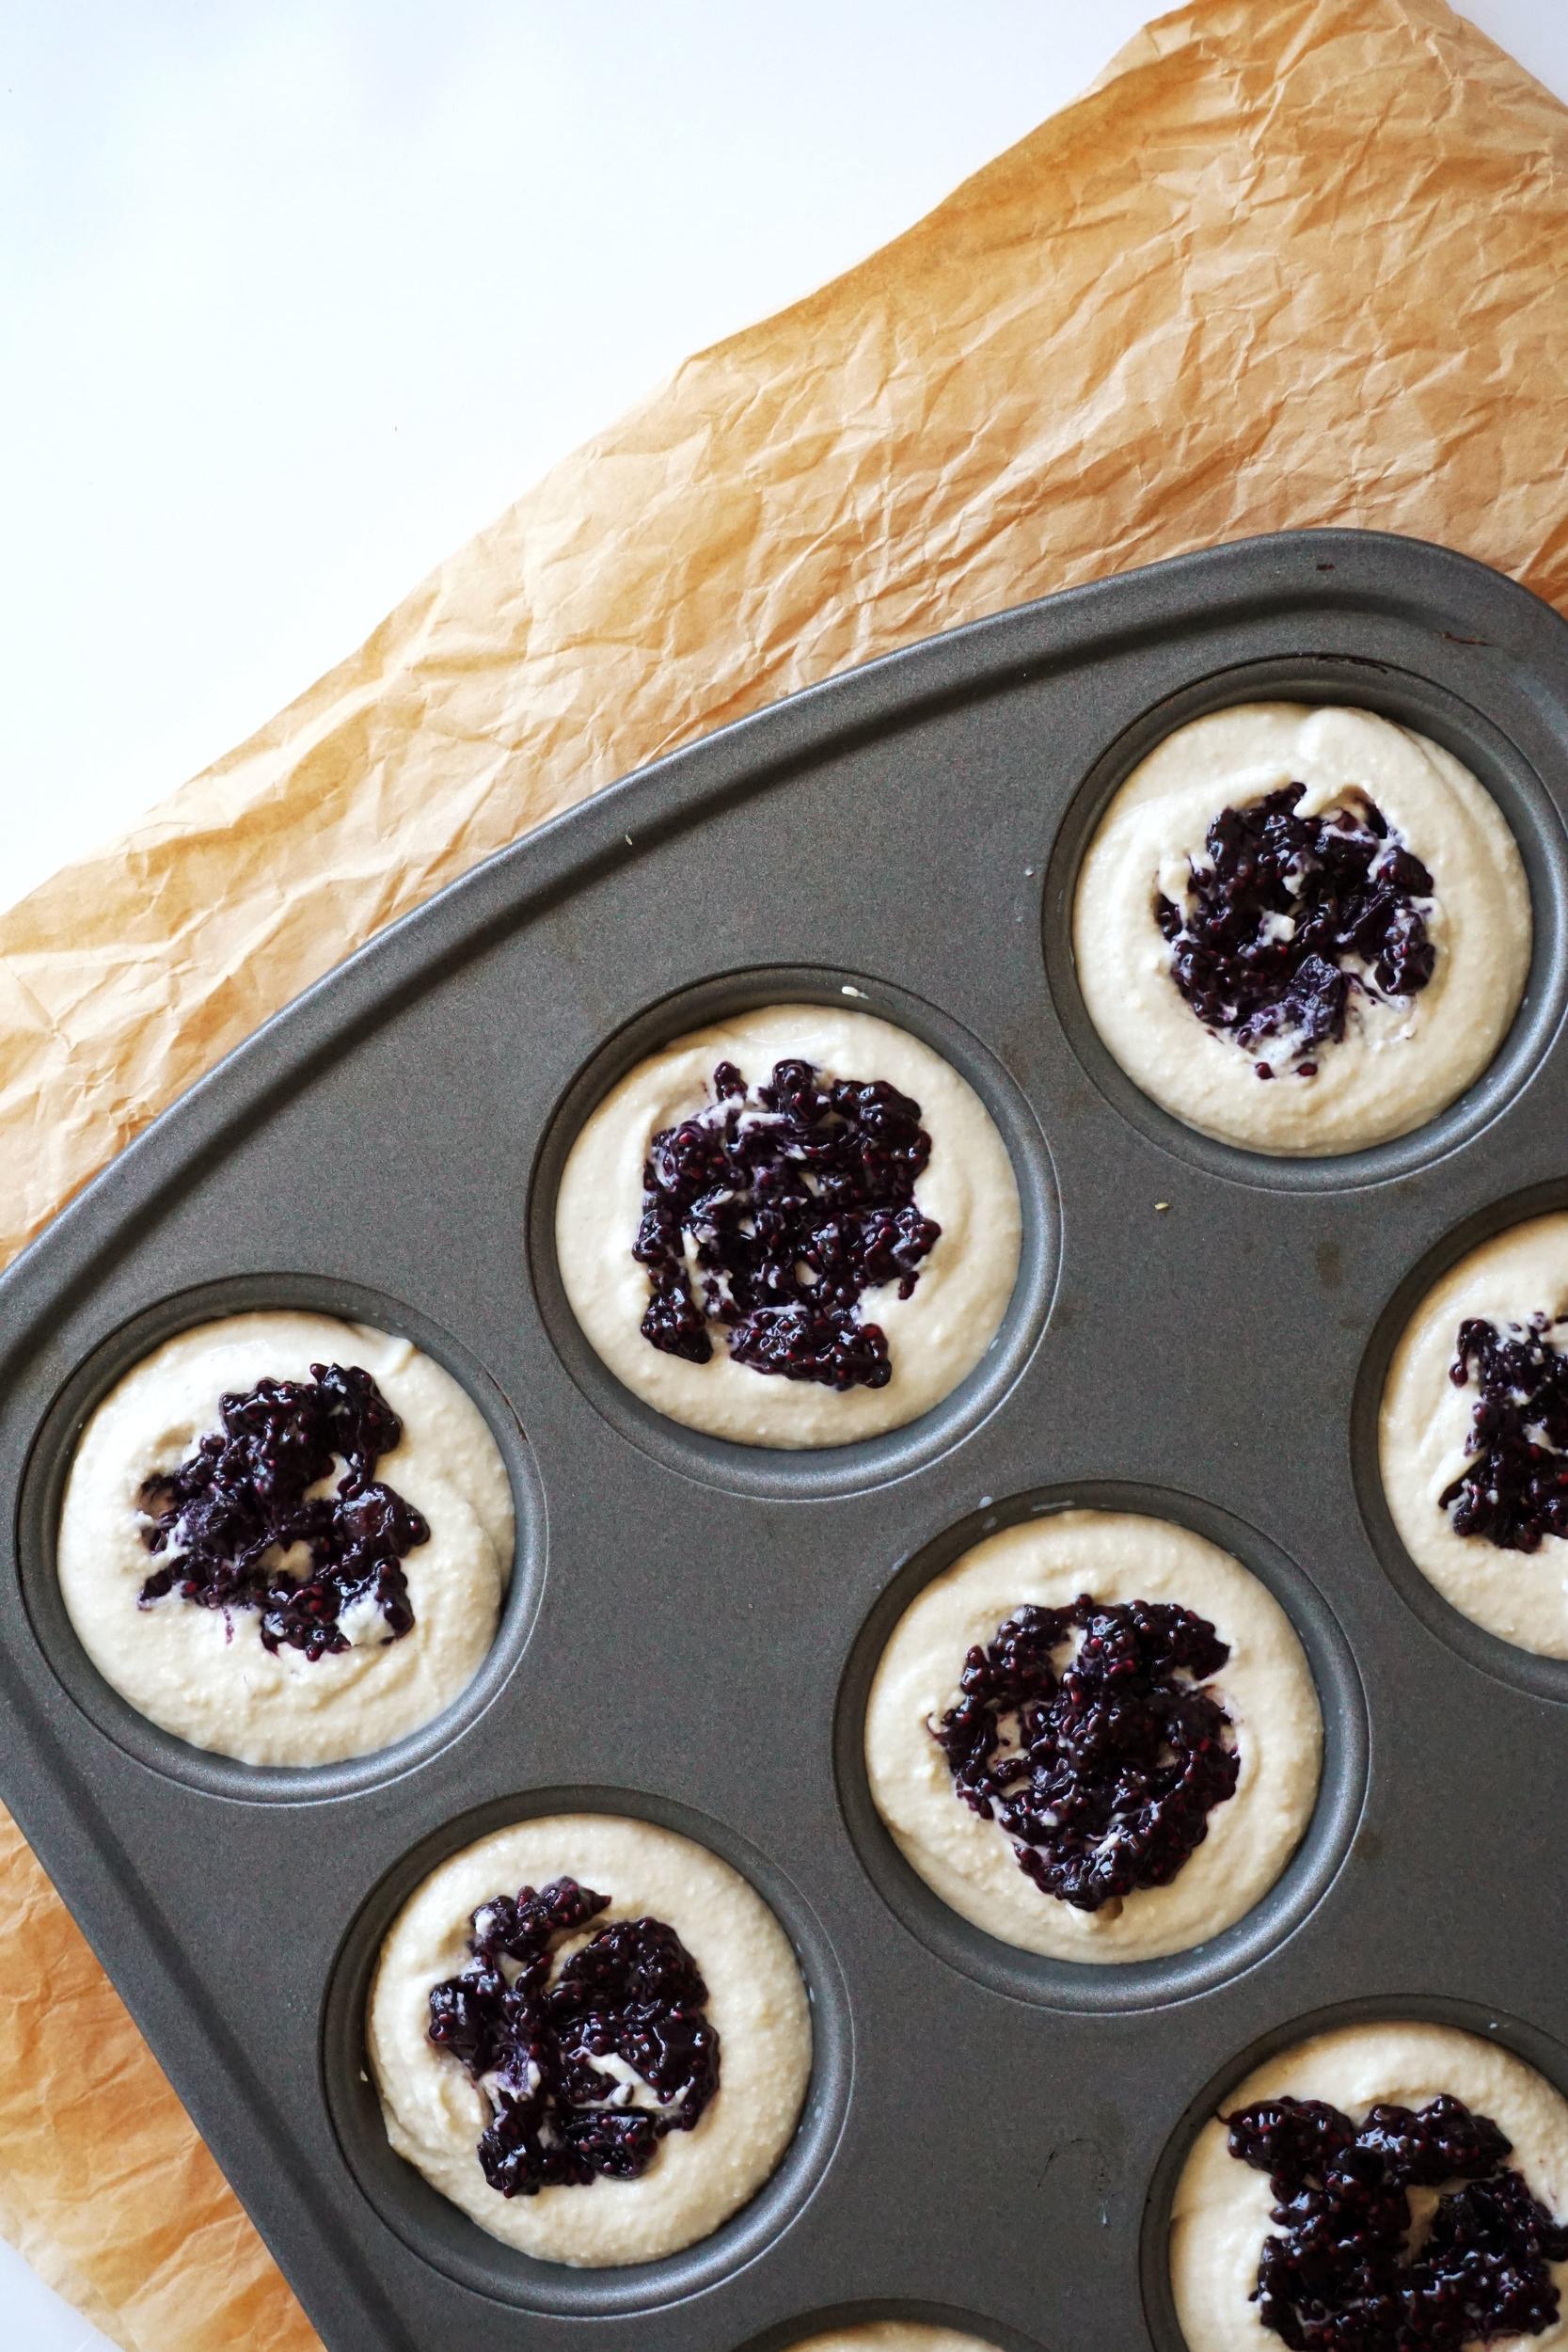 Mini Blueberry Cheesecakes (Vegan, GF)